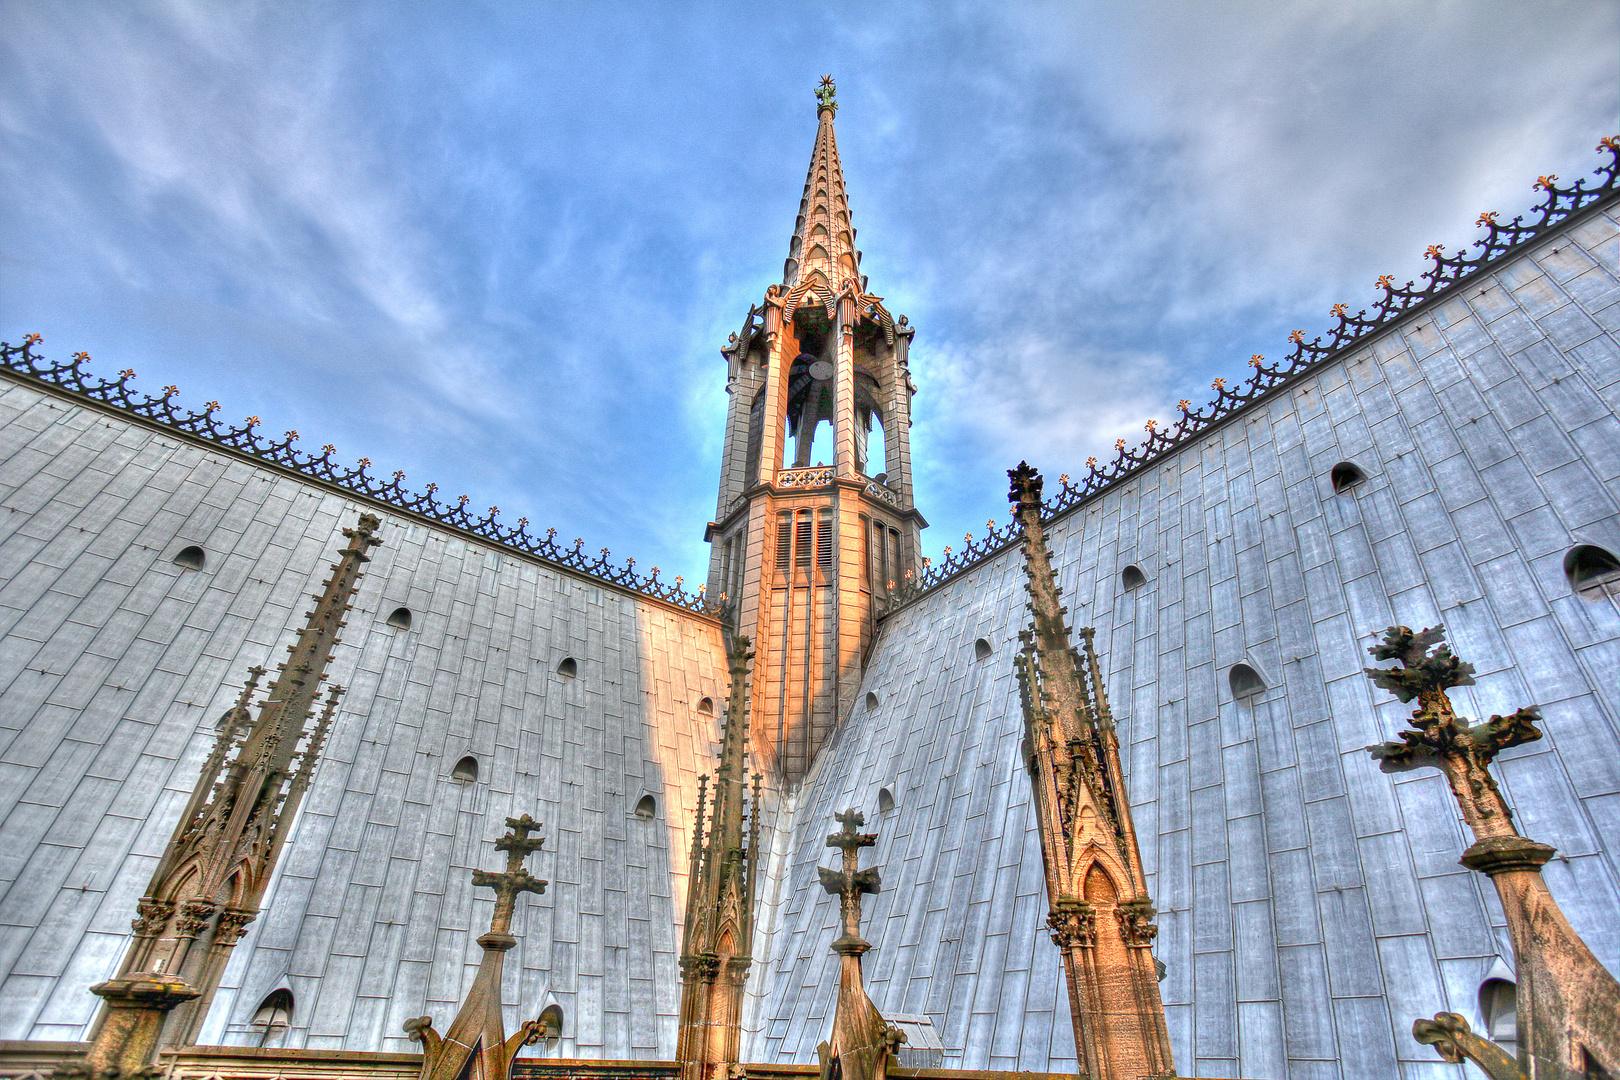 Der Vierungsturm des Doms zu Köln